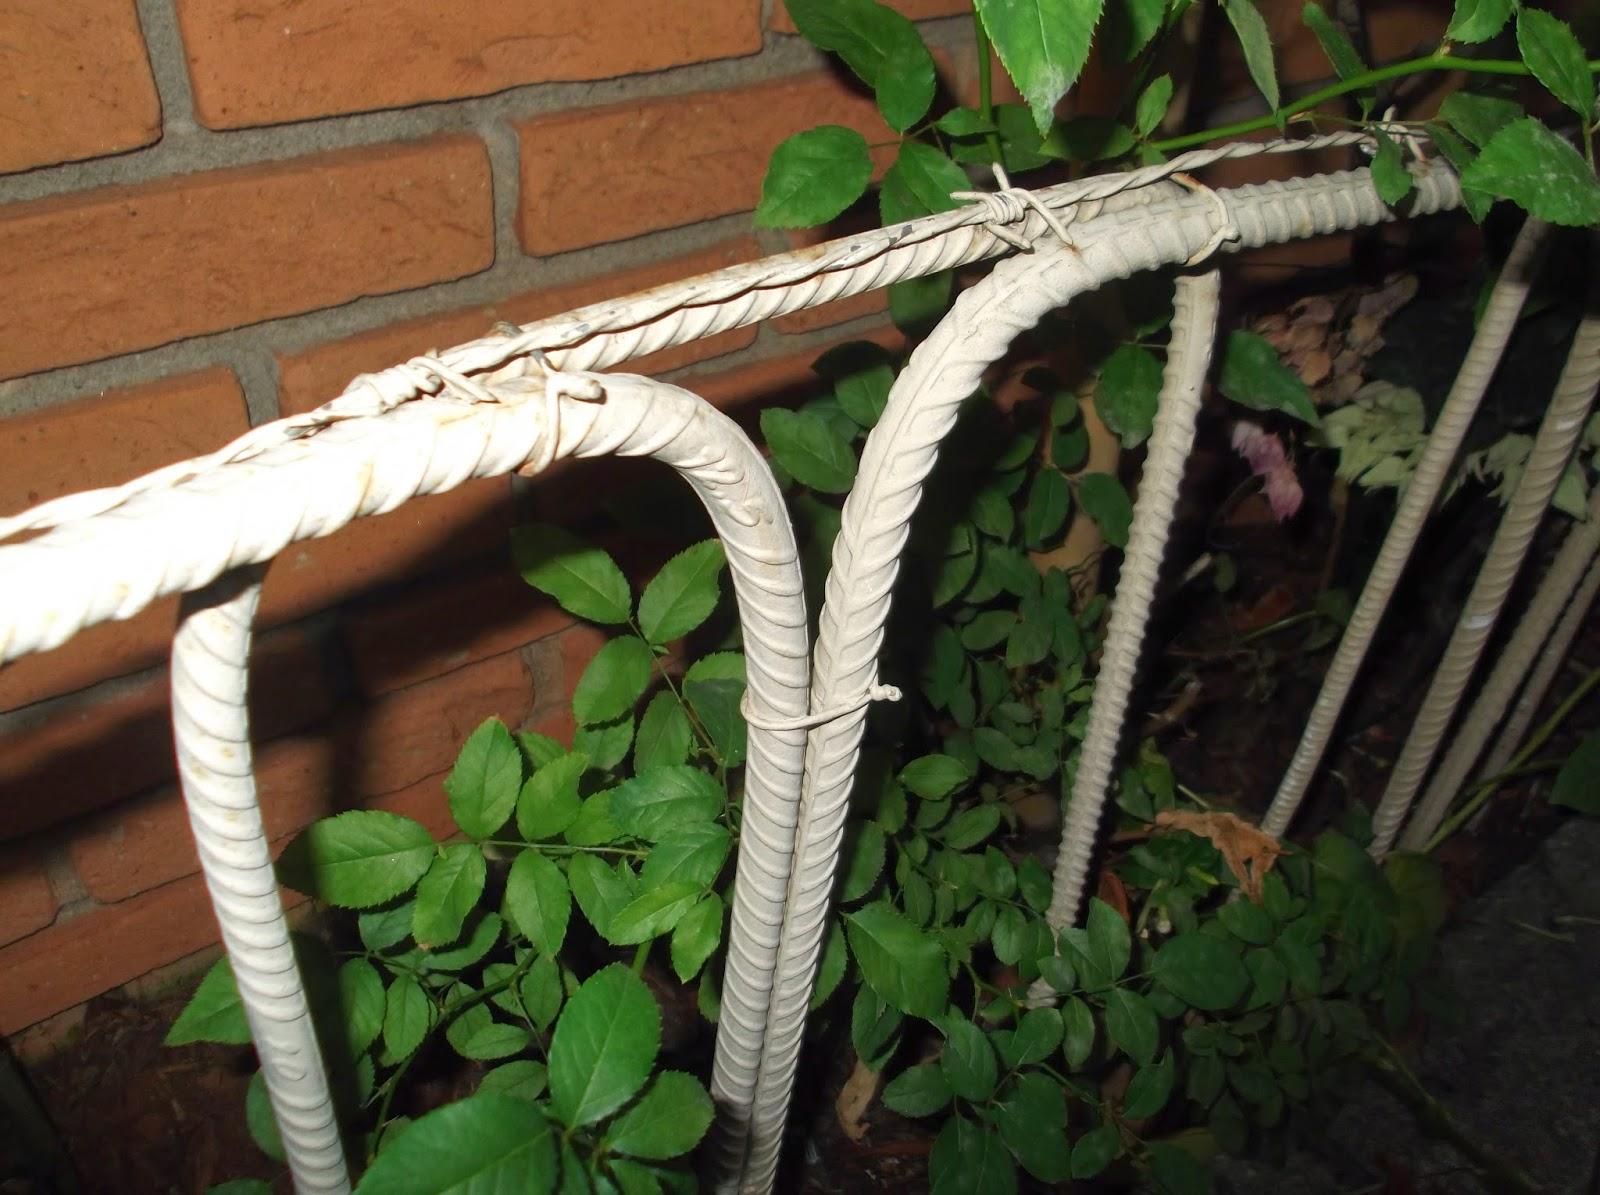 cerca de jardim ferro: EM MIÚDOS: CERCAS PARA JARDIM E RECICLAGEM – FERRO PARA CONSTRUÇÃO